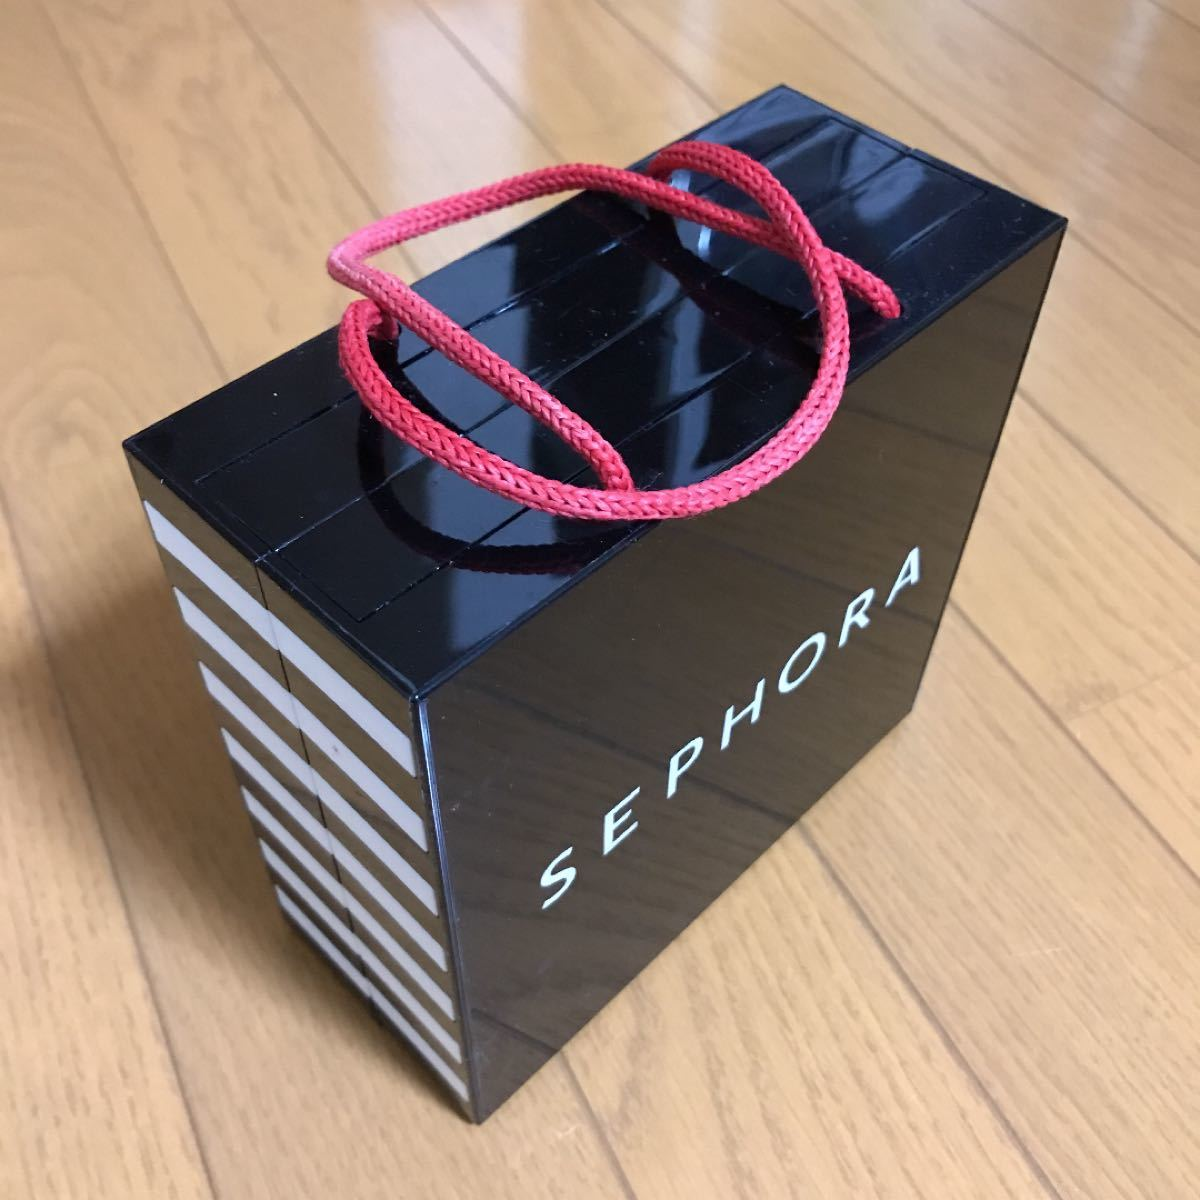 SEPHORA セフォラ メイクアップセット カバン型 アイシャドウ リップ 口紅 チーク パレット グロス  化粧品